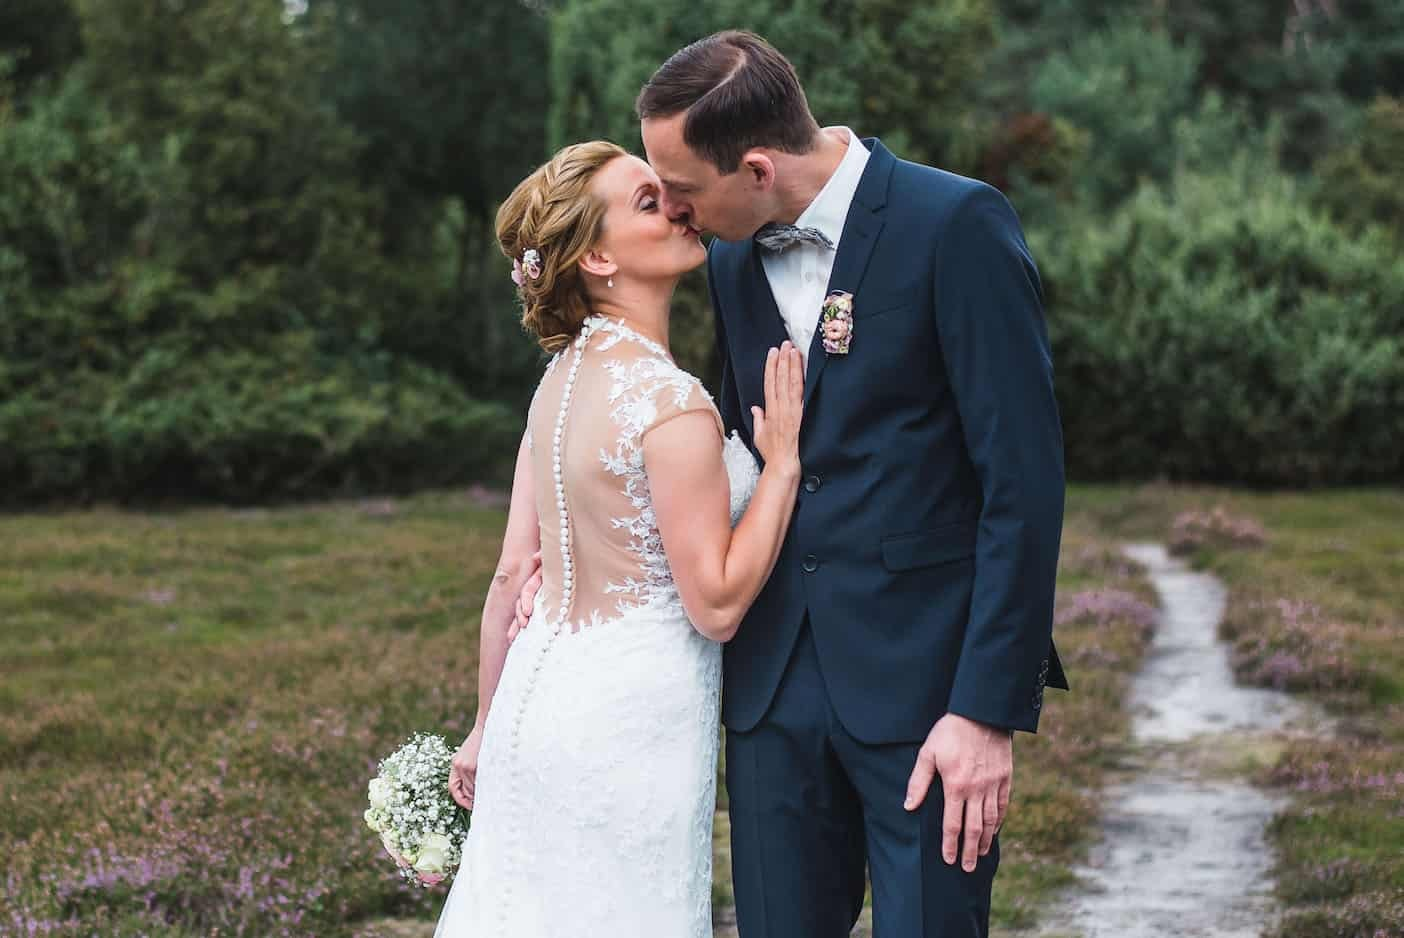 Hochzeitsfotograf Münster - Brautpaar küsst sich